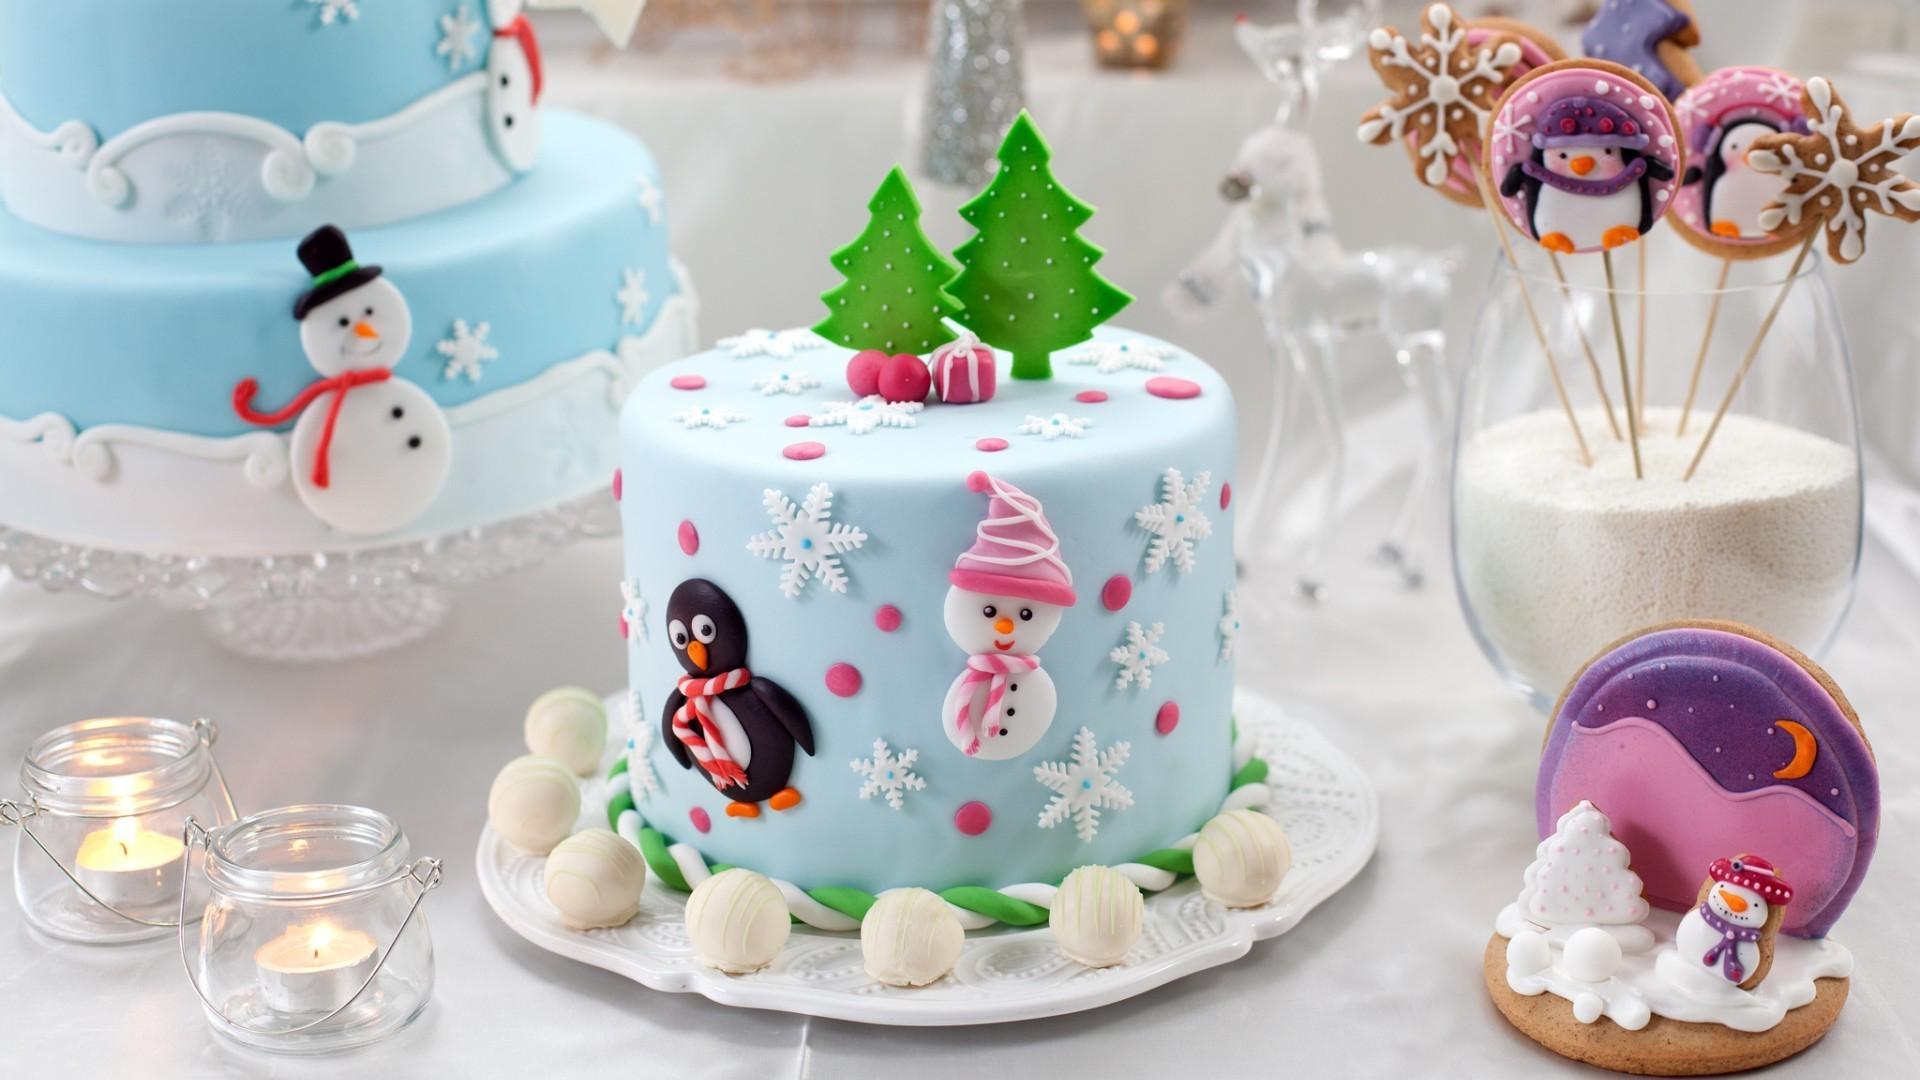 Торт на новый год 2018 в домашних условиях